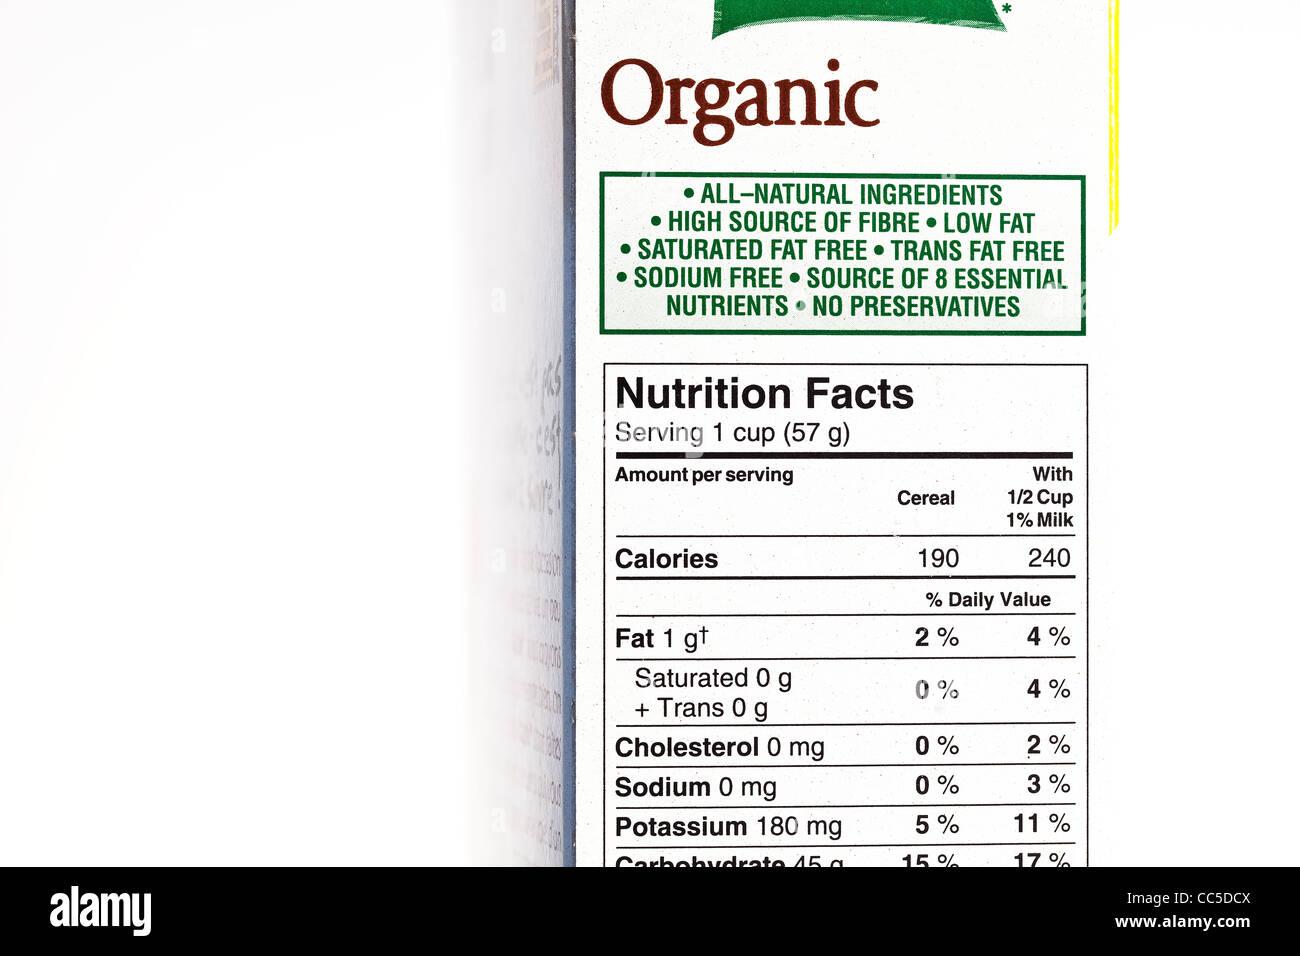 Organici di scatola di cereali, etichetta nutrizionale, close up Immagini Stock